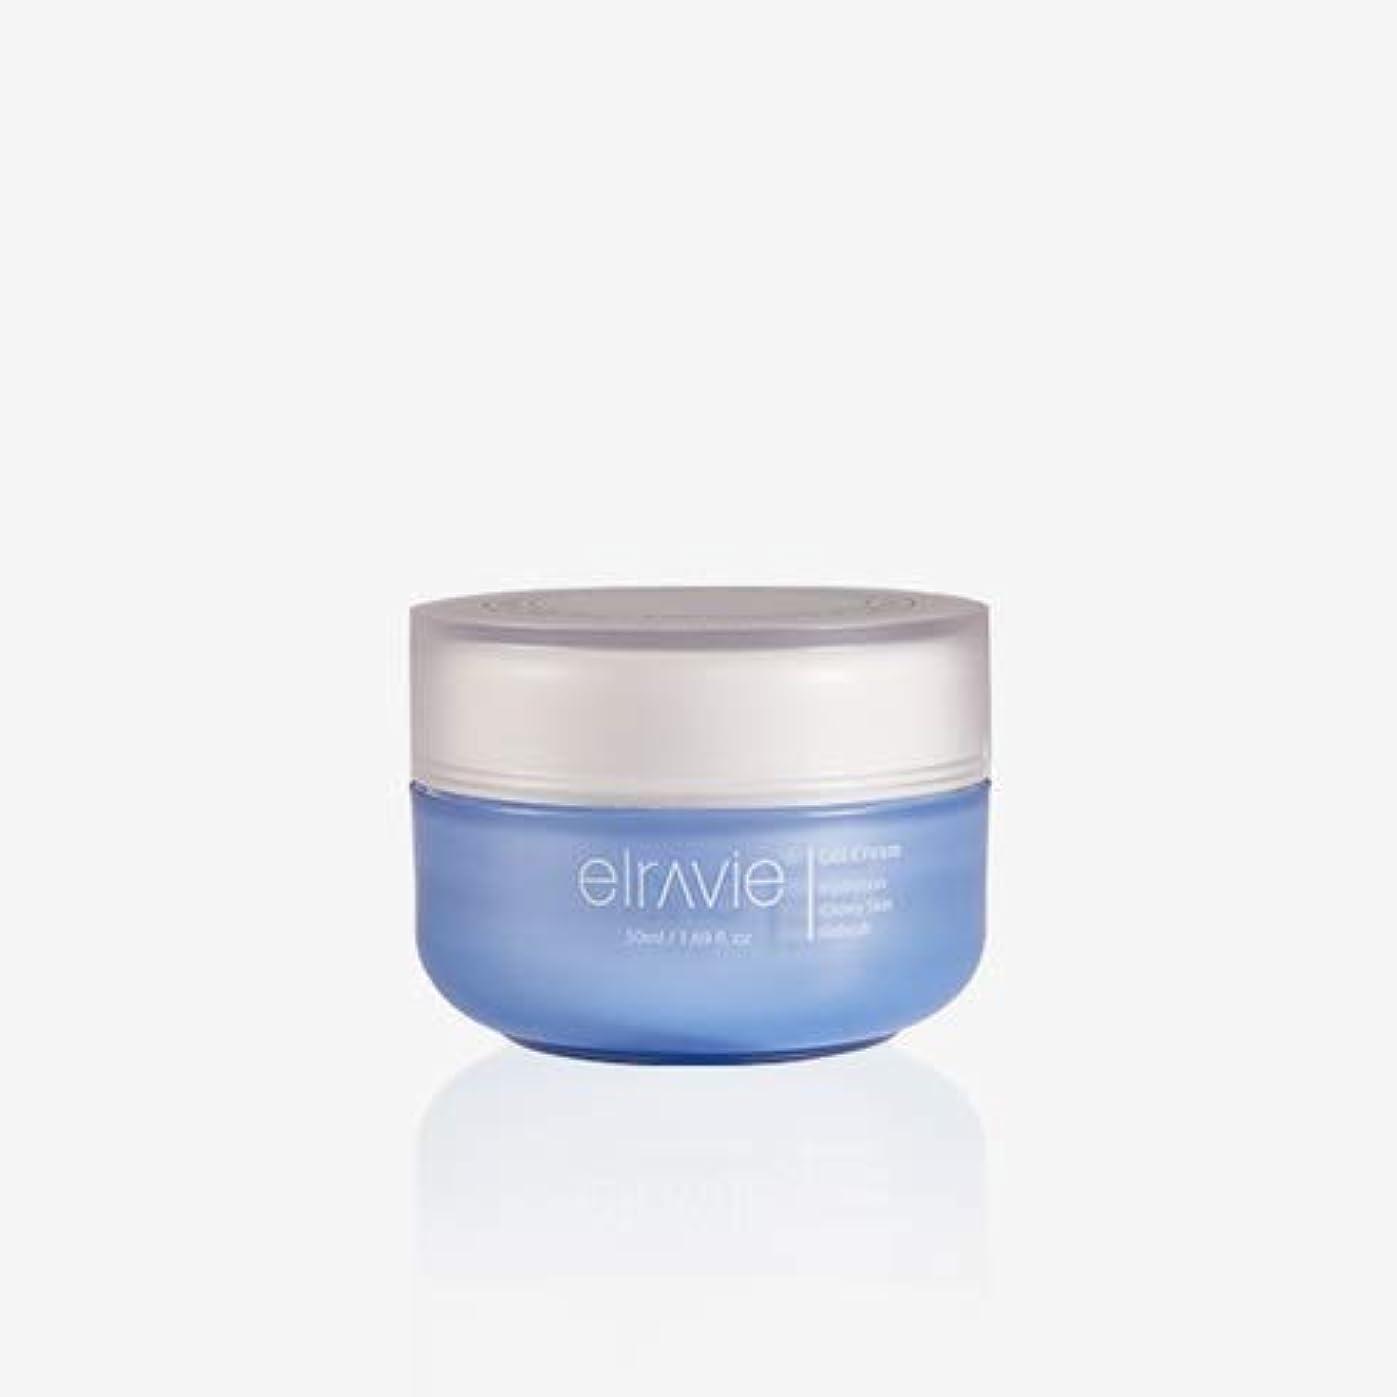 するだろう運賃残酷なエラヴィー[Elravie] ダーマハイドロエクステンデッドハイジェルクリーム50ml / Derma Hydro Extended Hyal Gel Cream